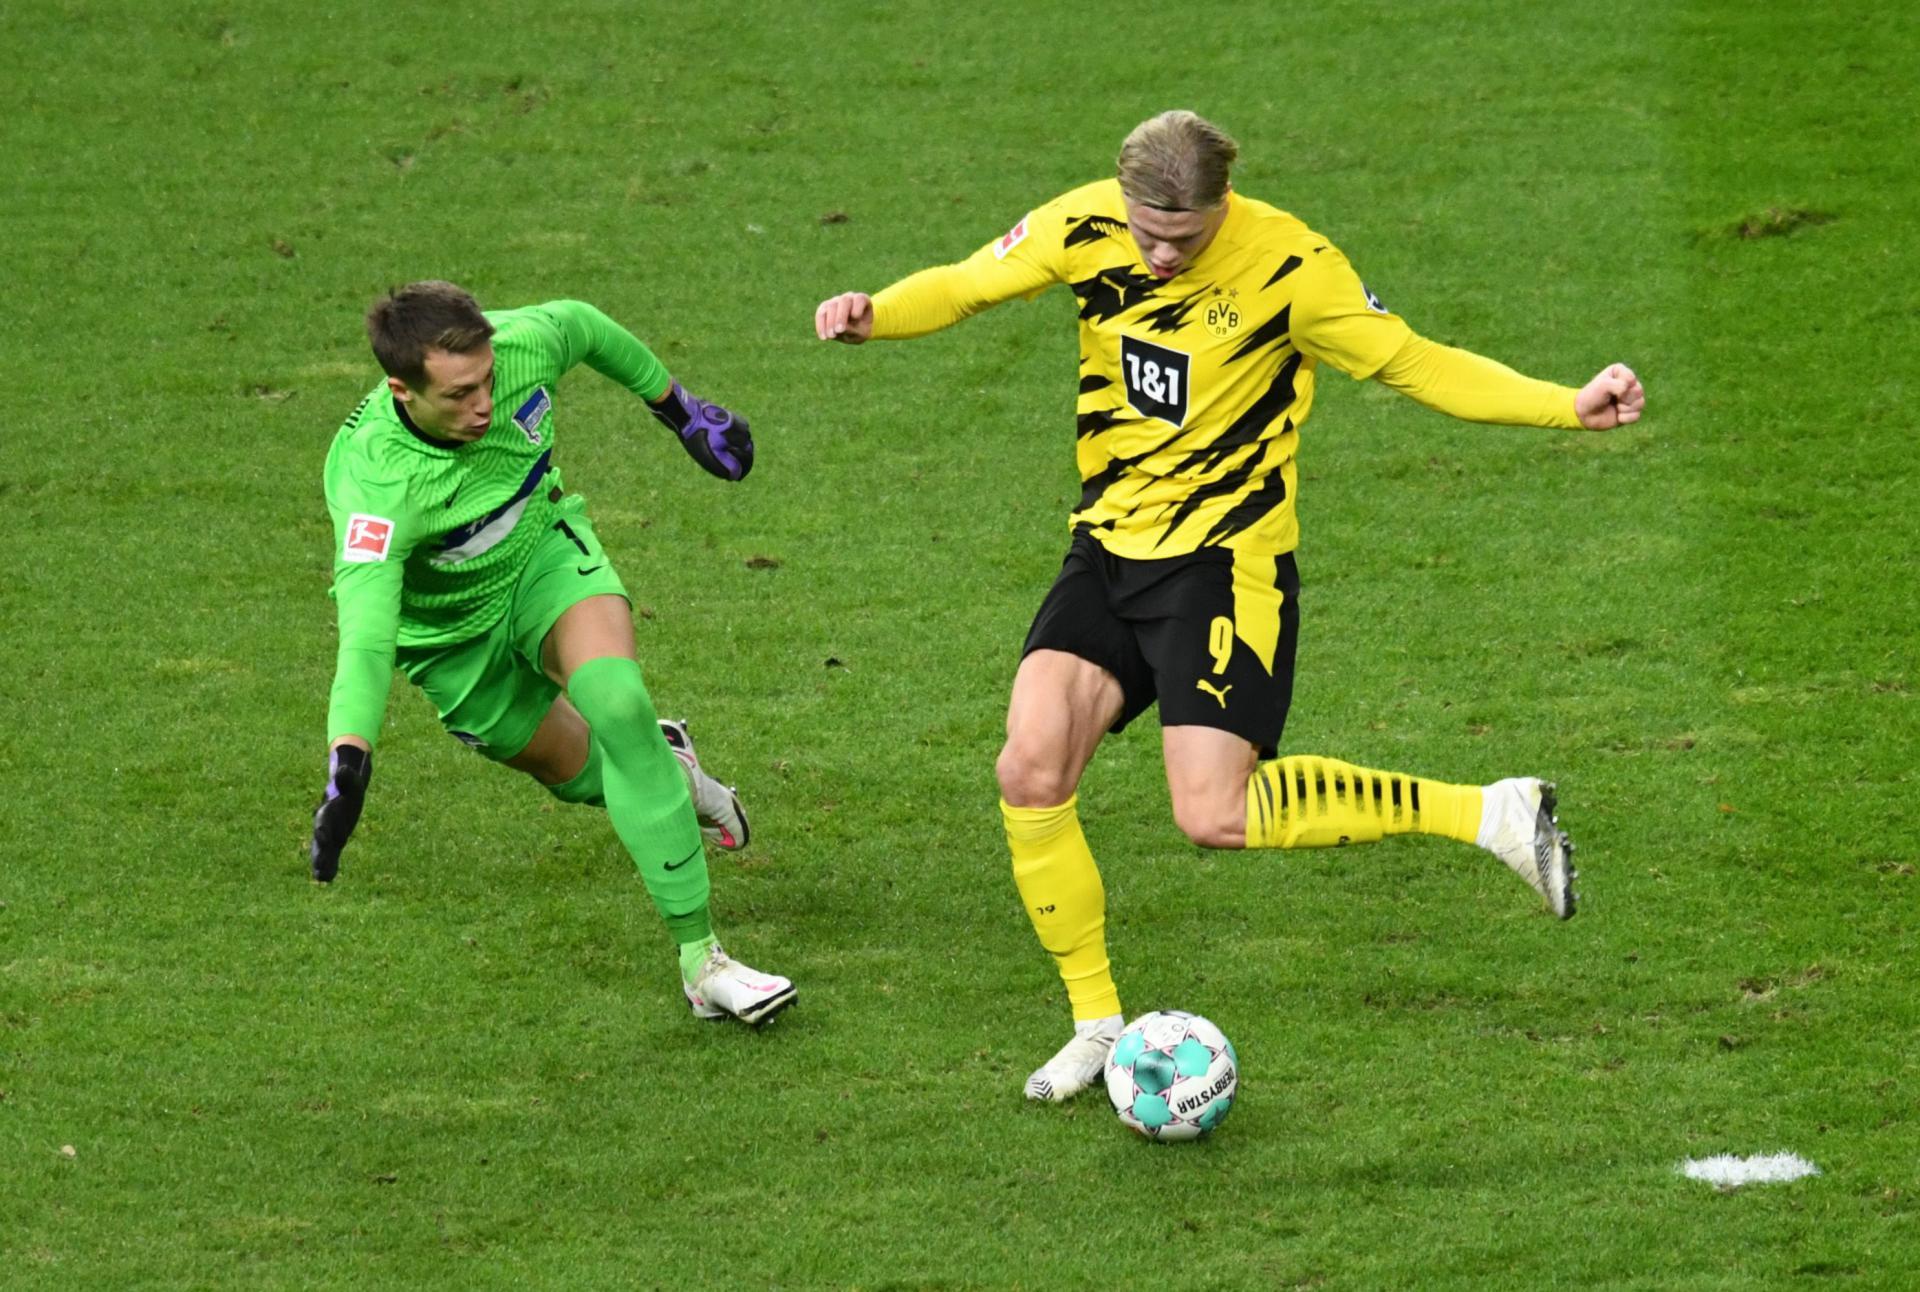 Borussia Dortmund preokretom do pobjede nad Herthom uz četiri gola sjajnog Haalanda, Bayern kiksao